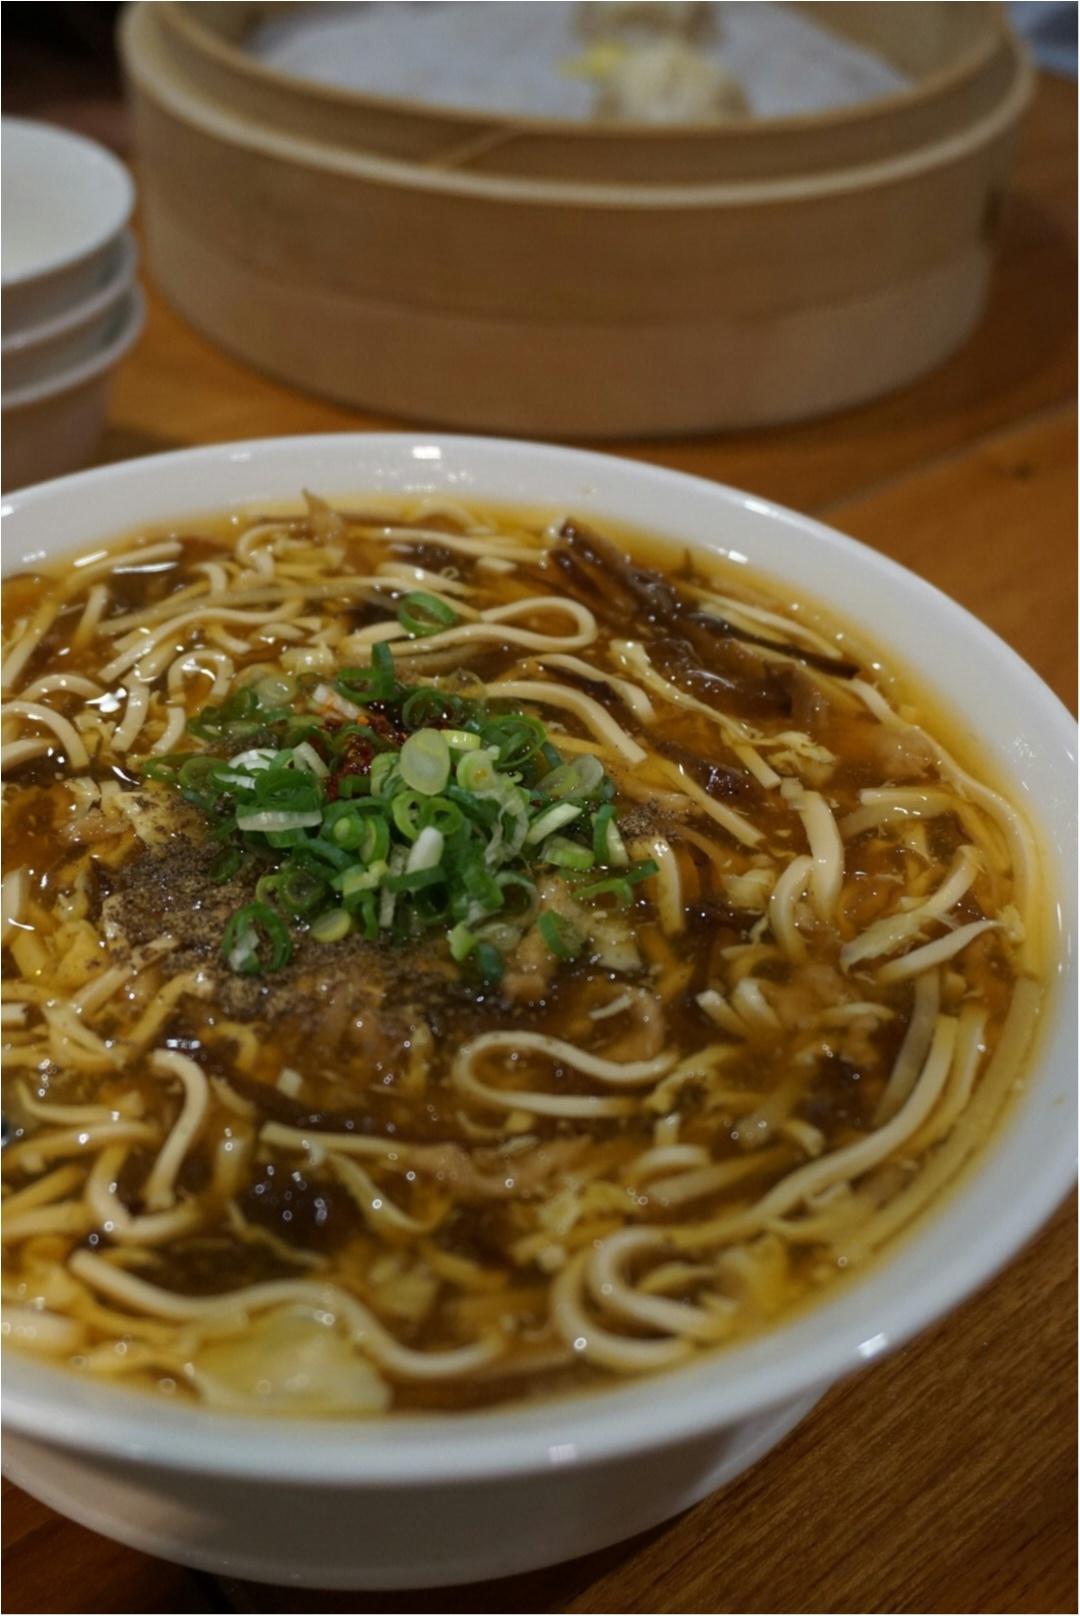 台湾のおしゃれなカフェ&食べ物特集 - 人気のタピオカや小籠包も! 台湾女子旅におすすめのグルメ情報まとめ_70